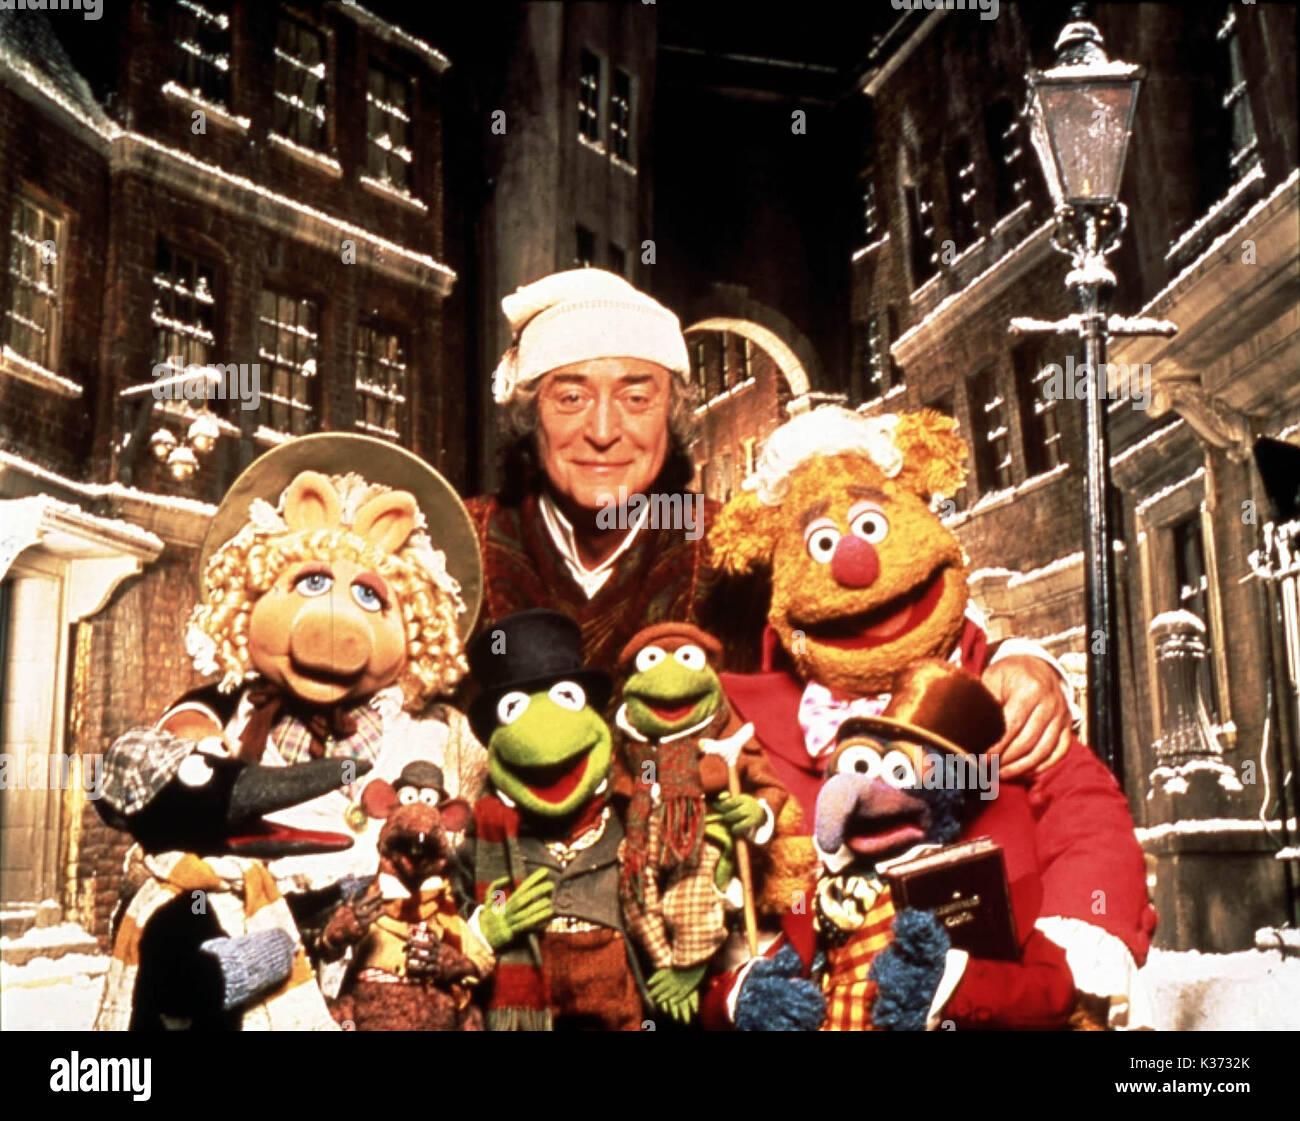 Image Result For Christmas Carol Tiny Tim Puppet: Muppet Christmas Carol Stock Photos & Muppet Christmas